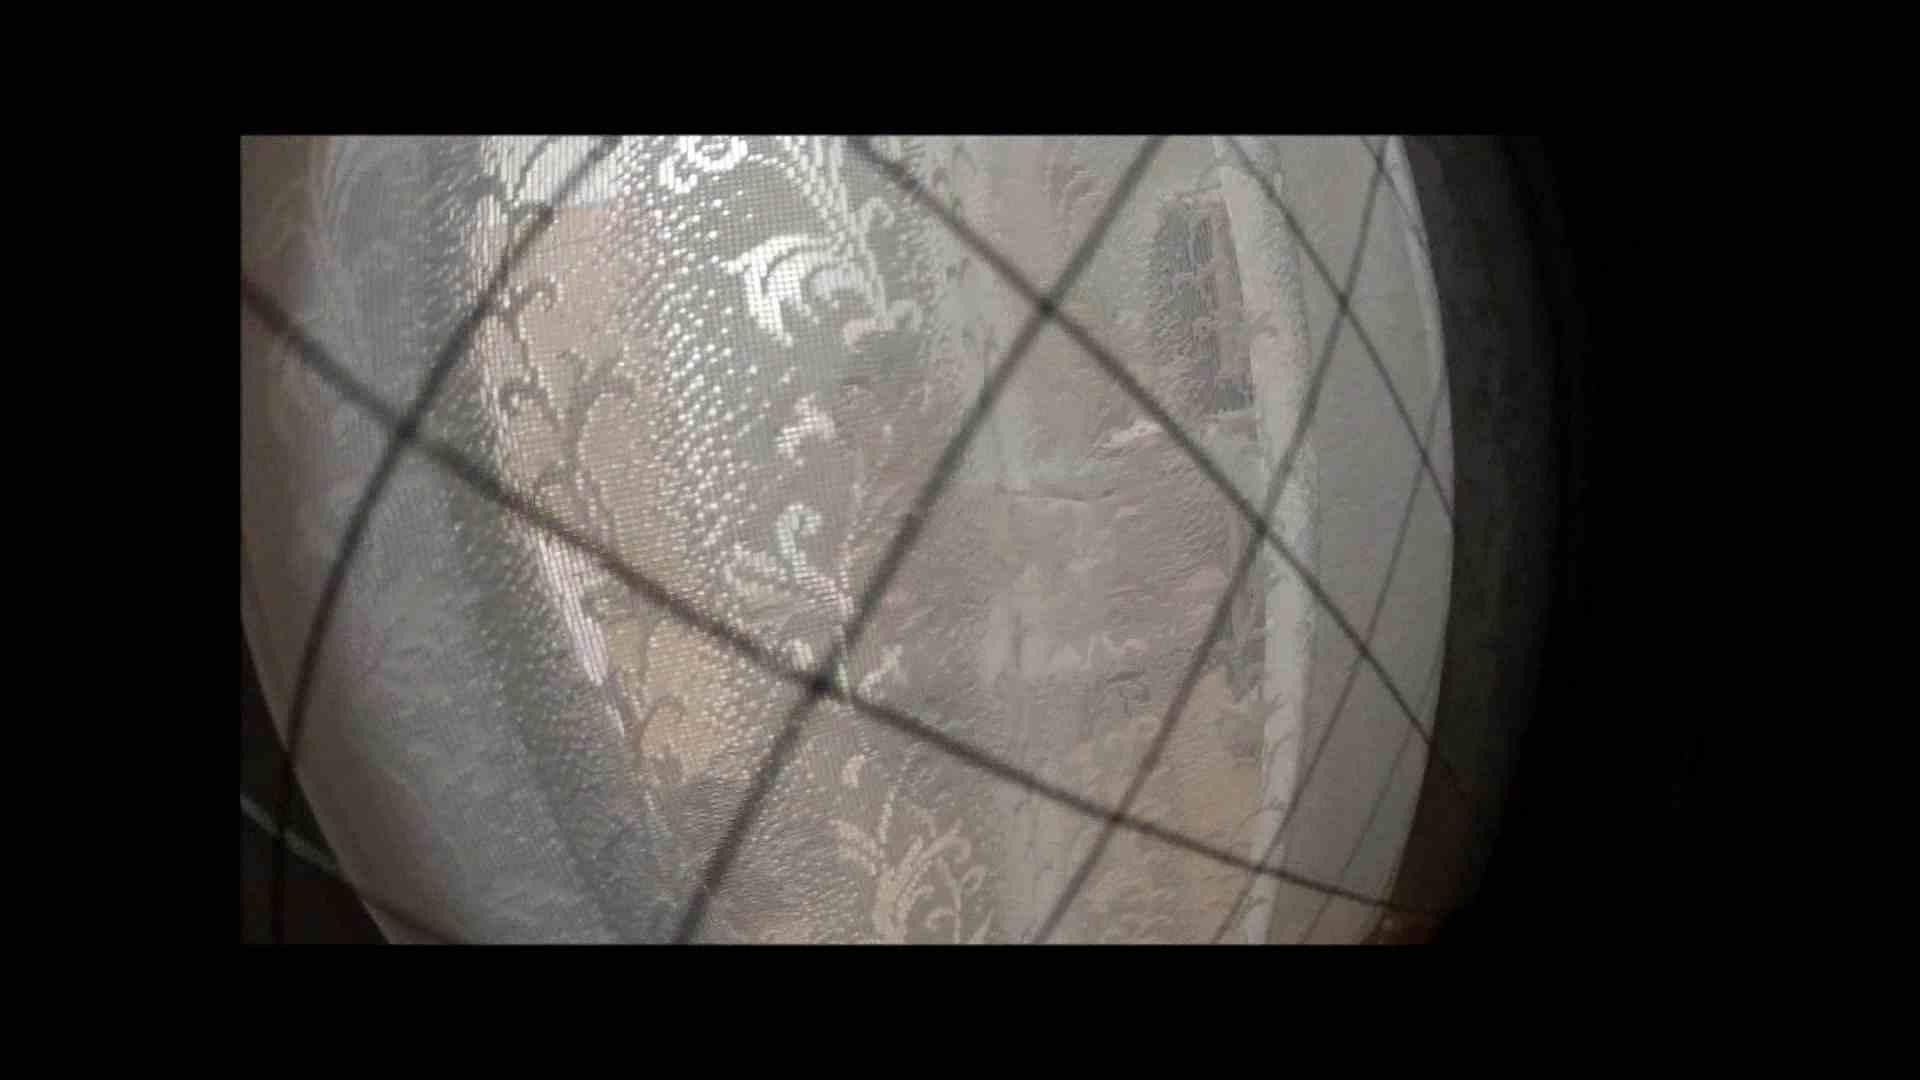 【04】別の日・・・魚眼レンズで広角に撮れました。 Hな熟女 えろ無修正画像 111pic 95